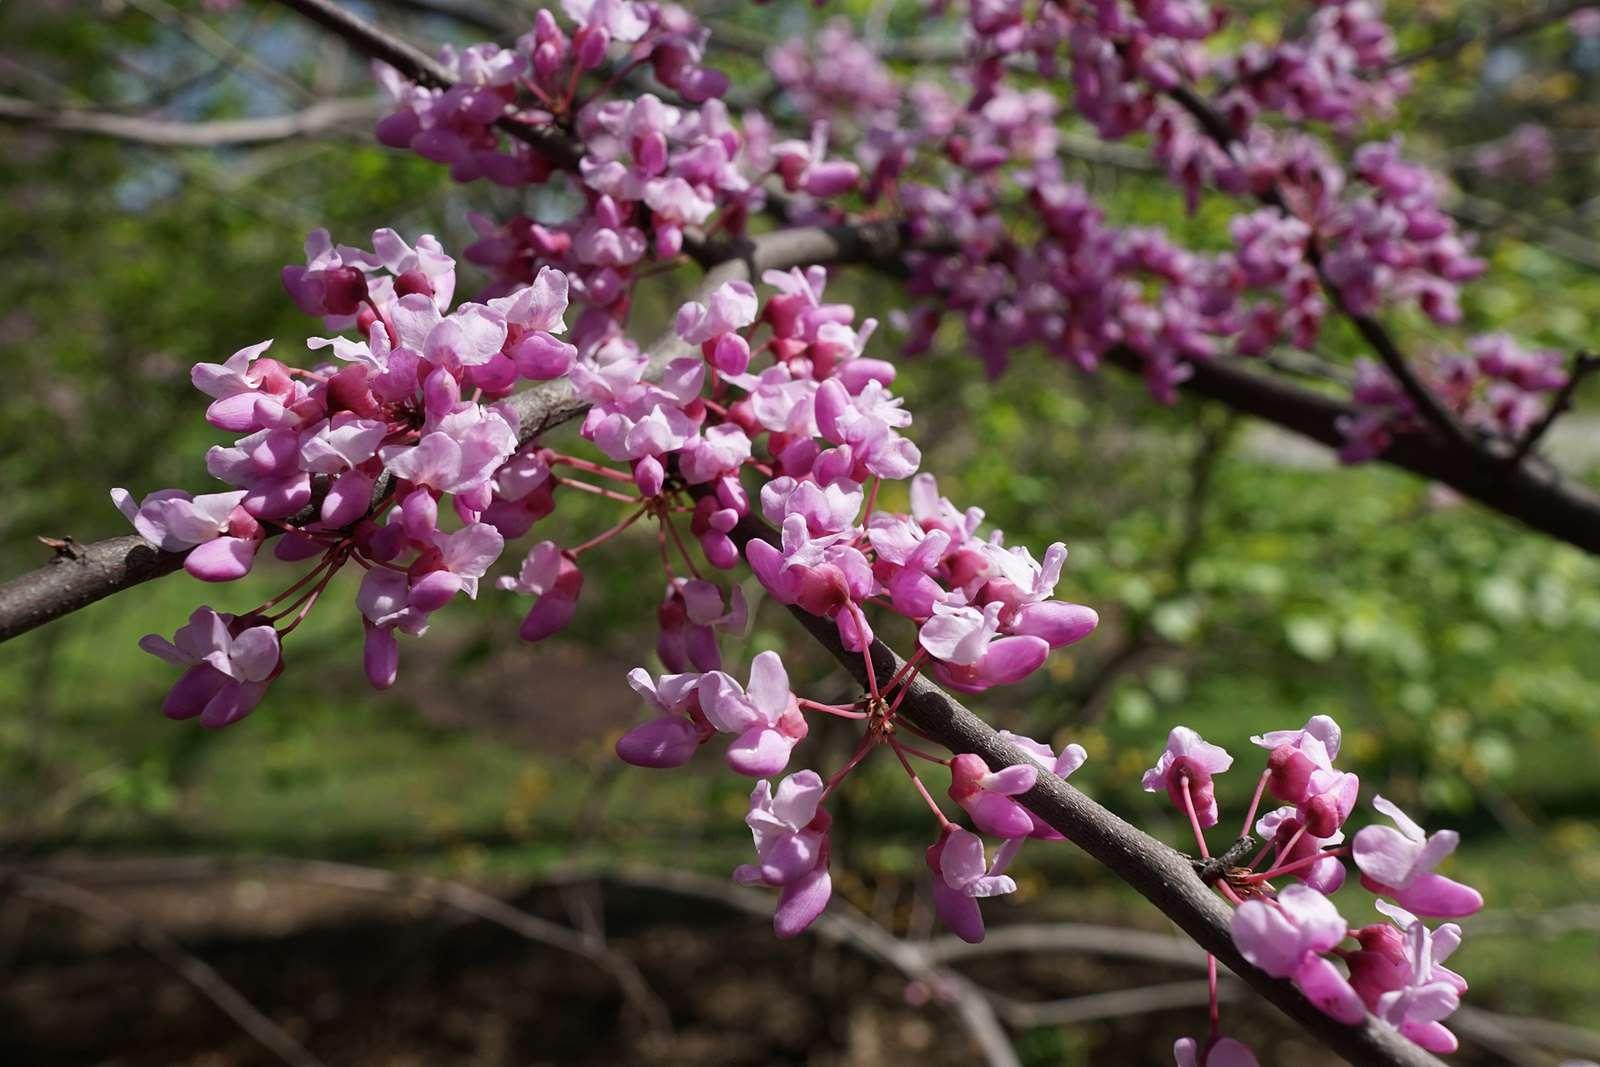 Eastern redbud tree in bloom